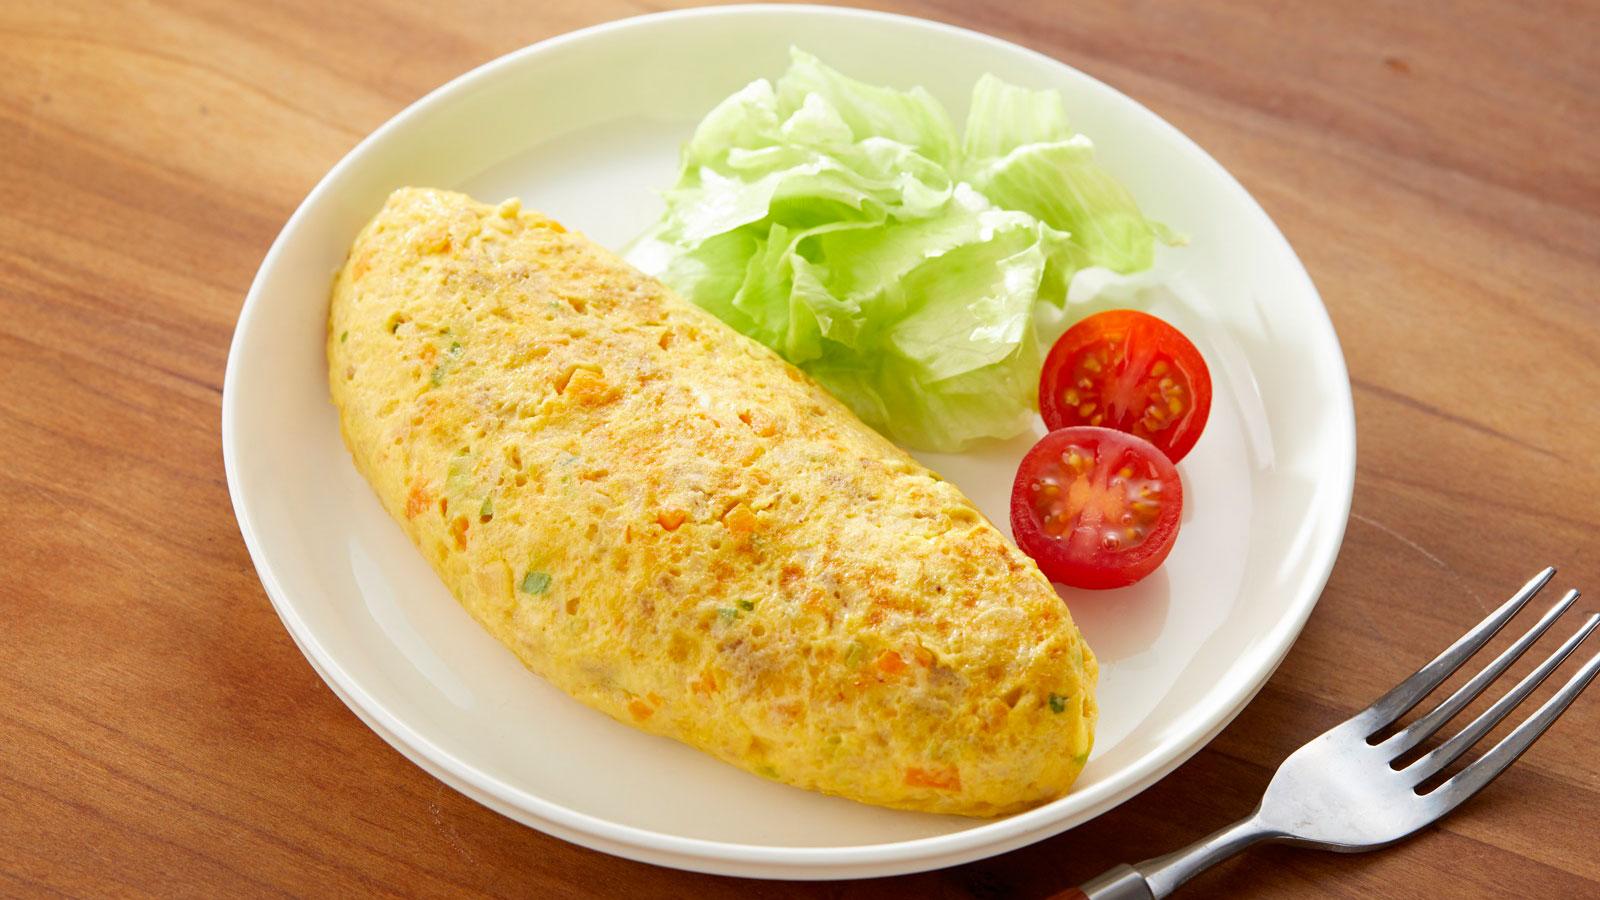 作り置き冷凍キューブで簡単・栄養バッチリな朝食を作ろう!オムレツ